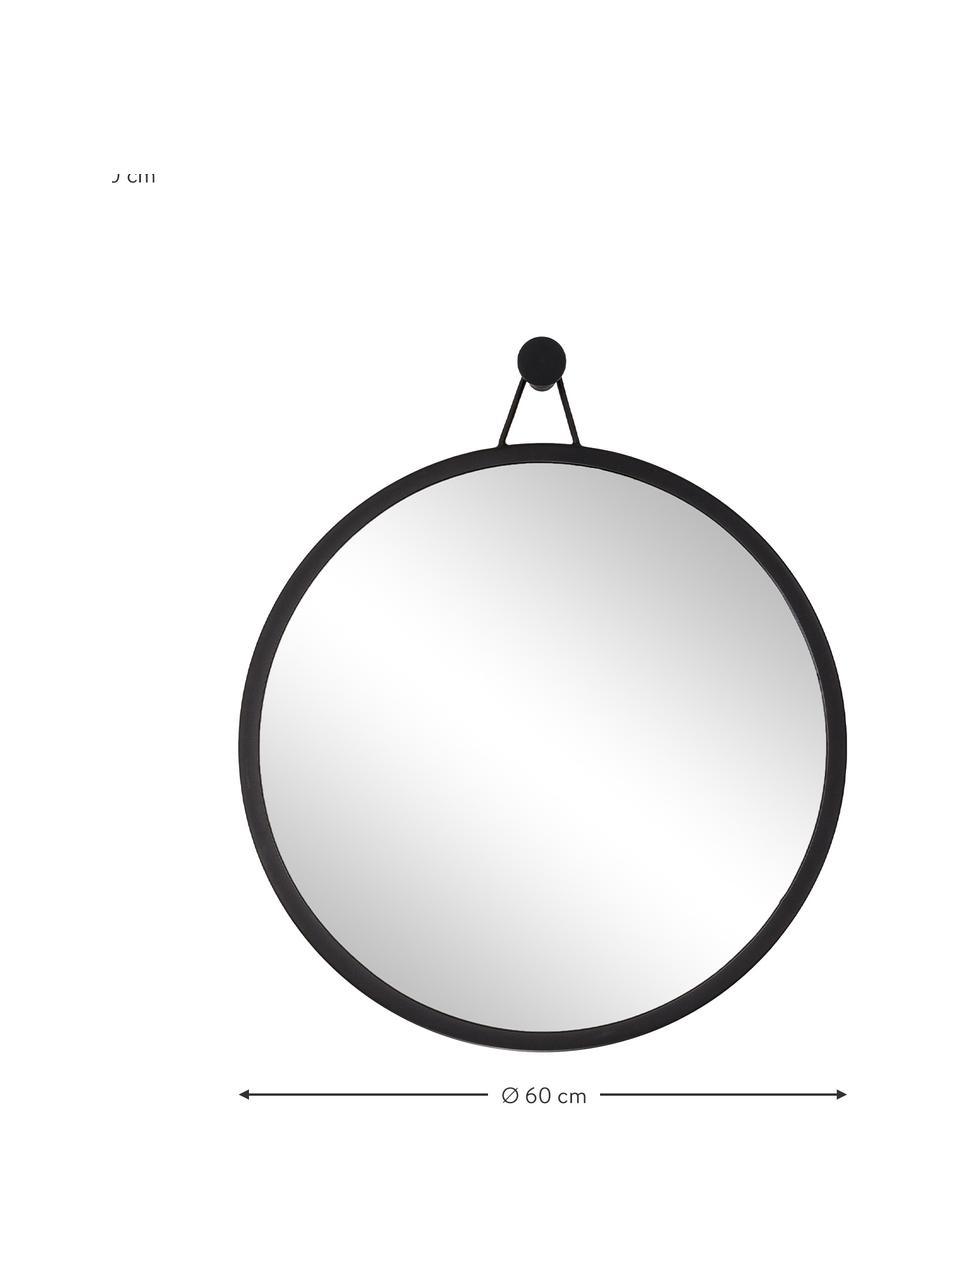 Runder Wandspiegel Lizzy mit schwarzem Rahmen, Rahmen: Eisen, pulverbeschichtet, Spiegelfläche: Spiegelglas, Schwarz, Ø 60 cm